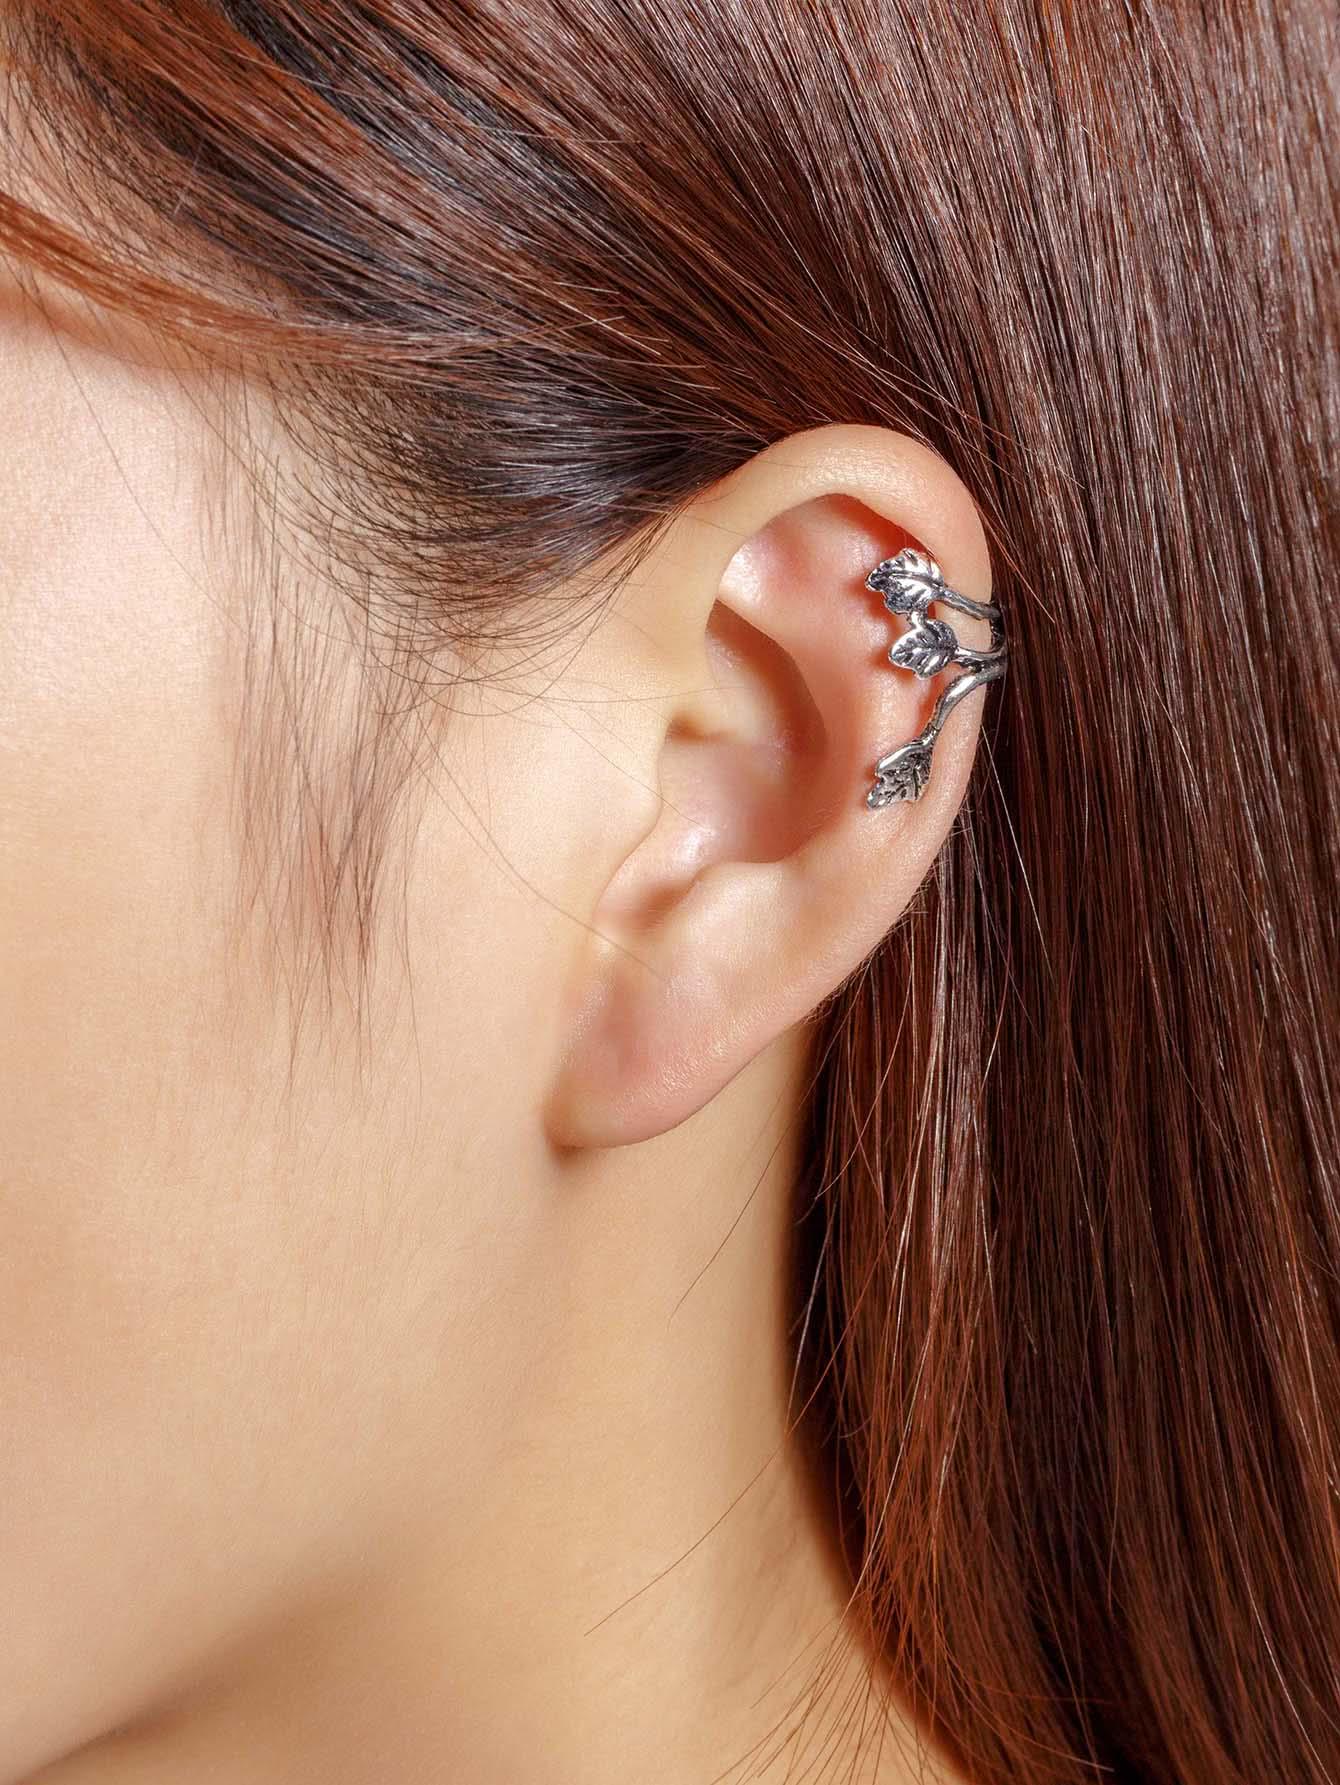 Metal Three Leaves Ear Cuff 1pcs